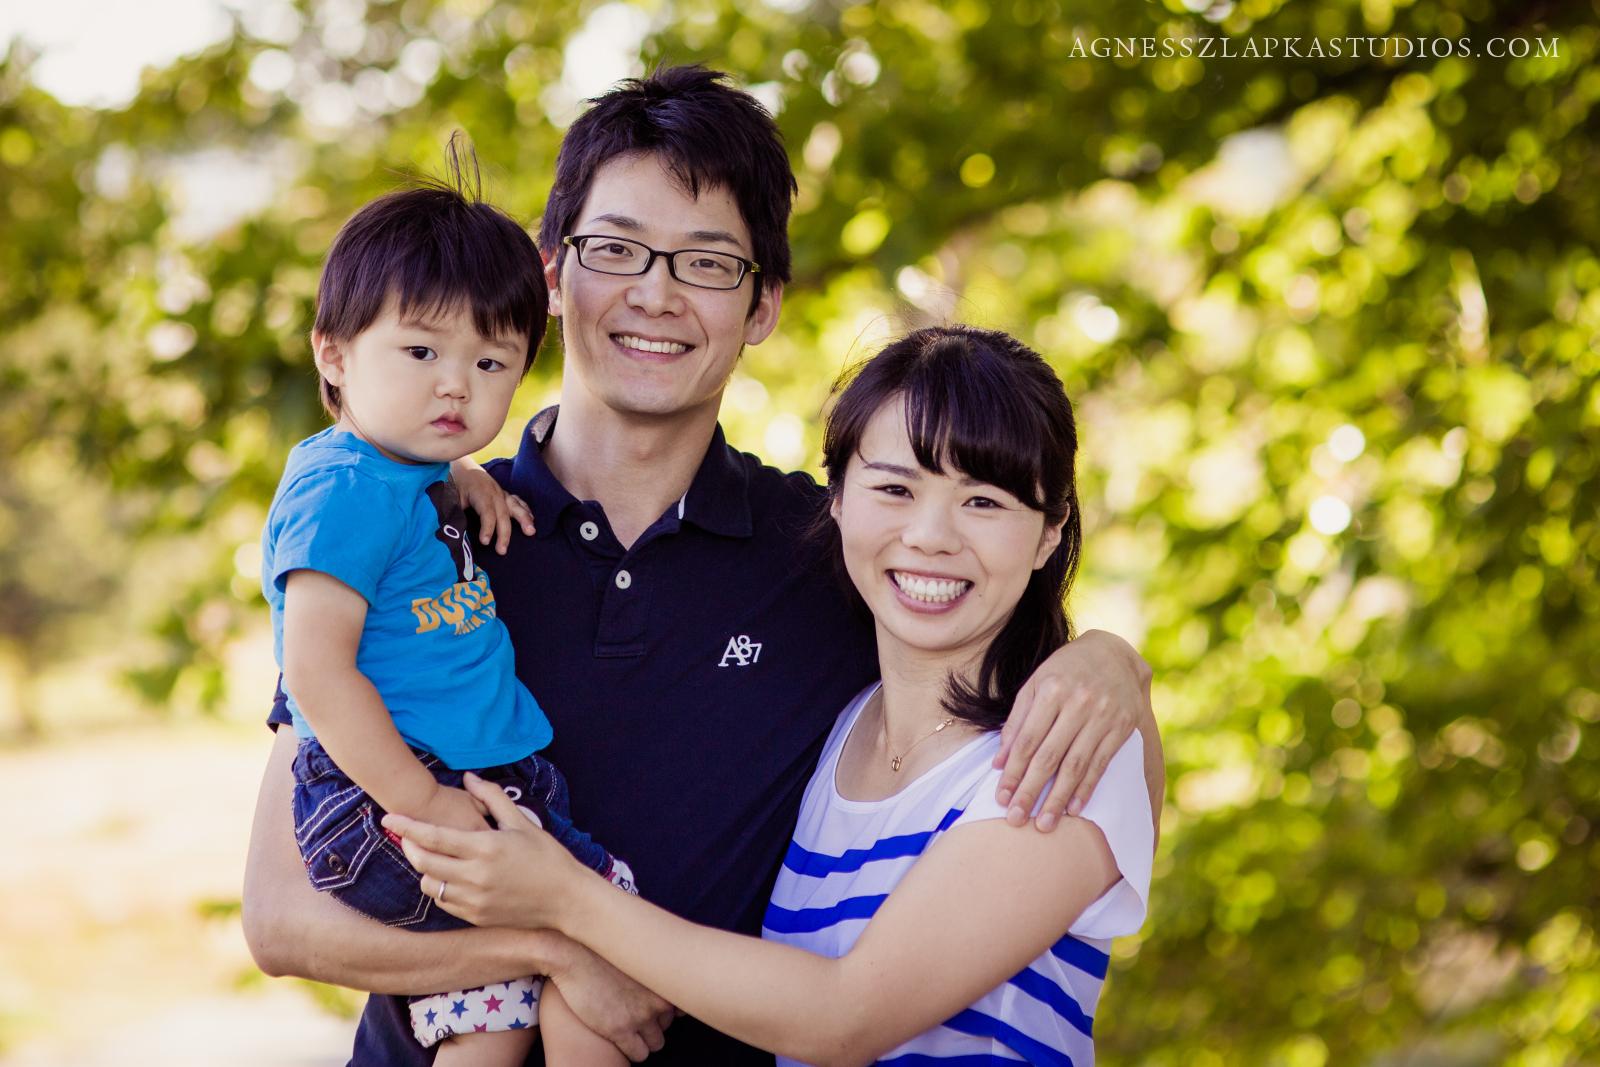 cleveland, ohio family photographer